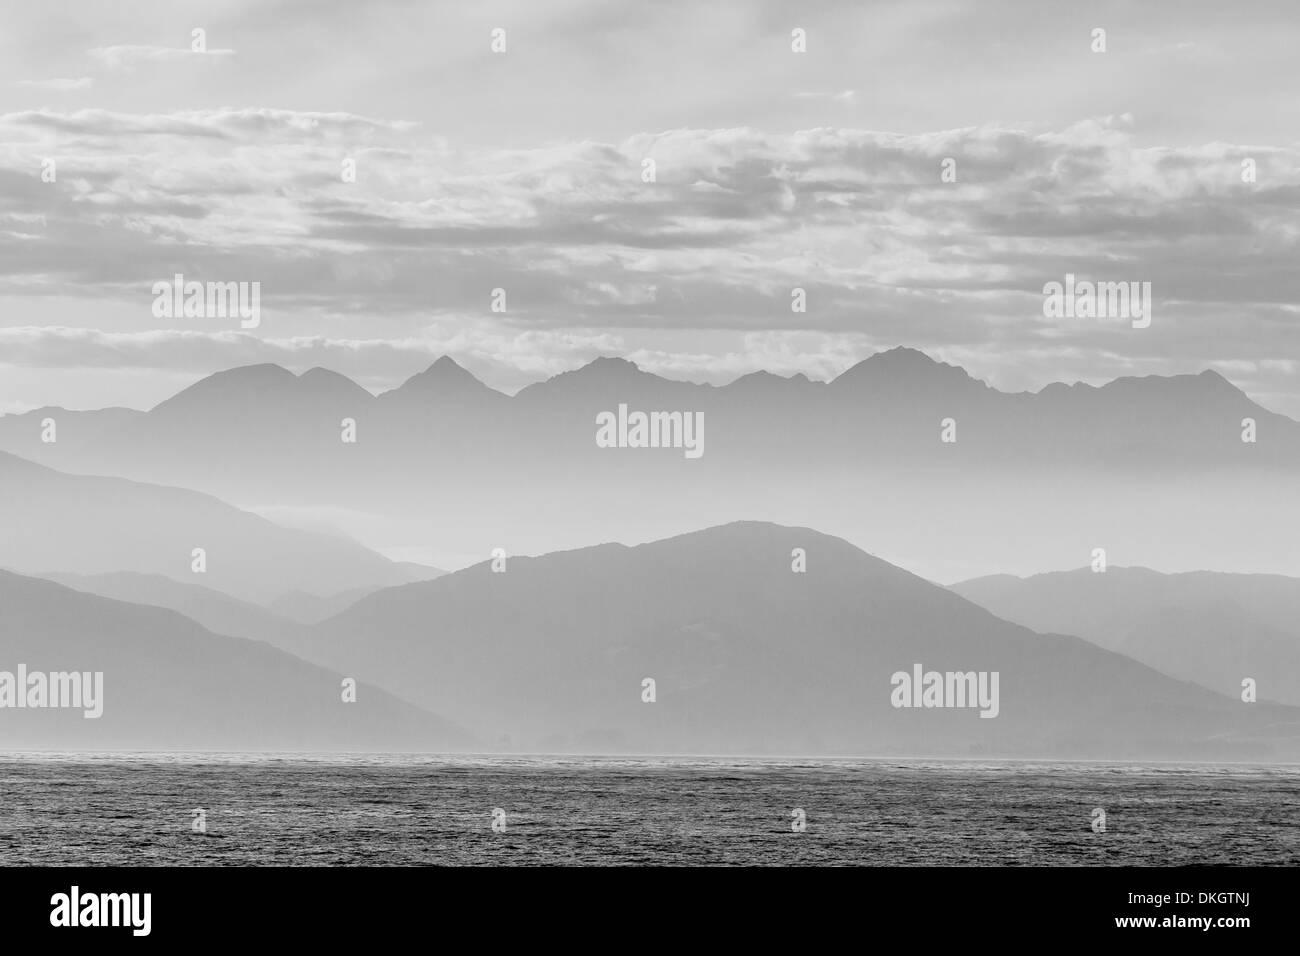 La costa de Kaikoura, en blanco y negro, Isla del Sur, Nueva Zelanda, el Pacífico Imagen De Stock